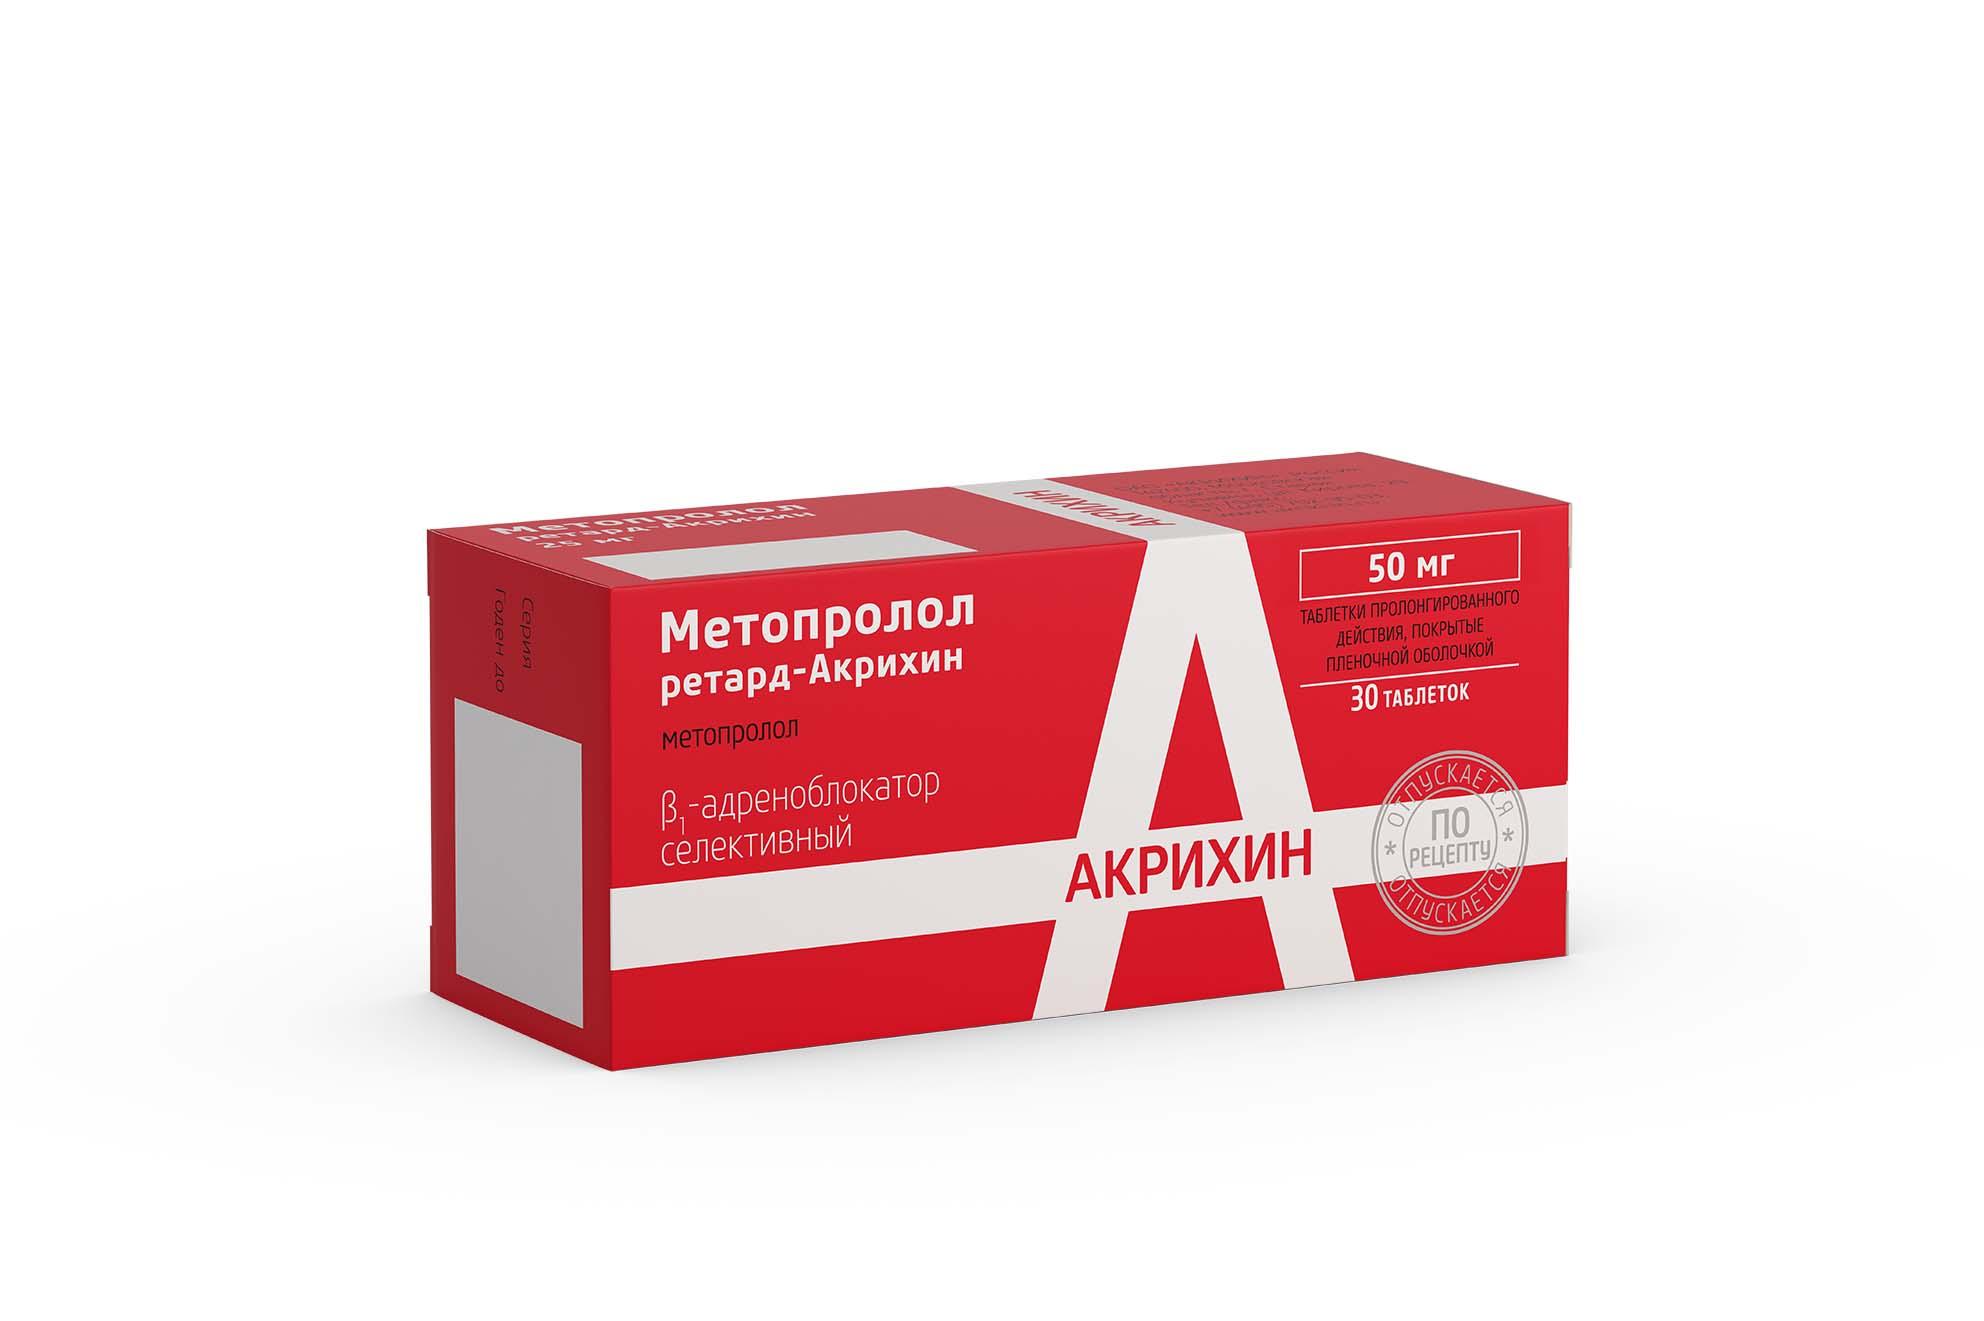 Метопролол ретард-акрихин таб.пролонг.п.п.о. 50мг n30